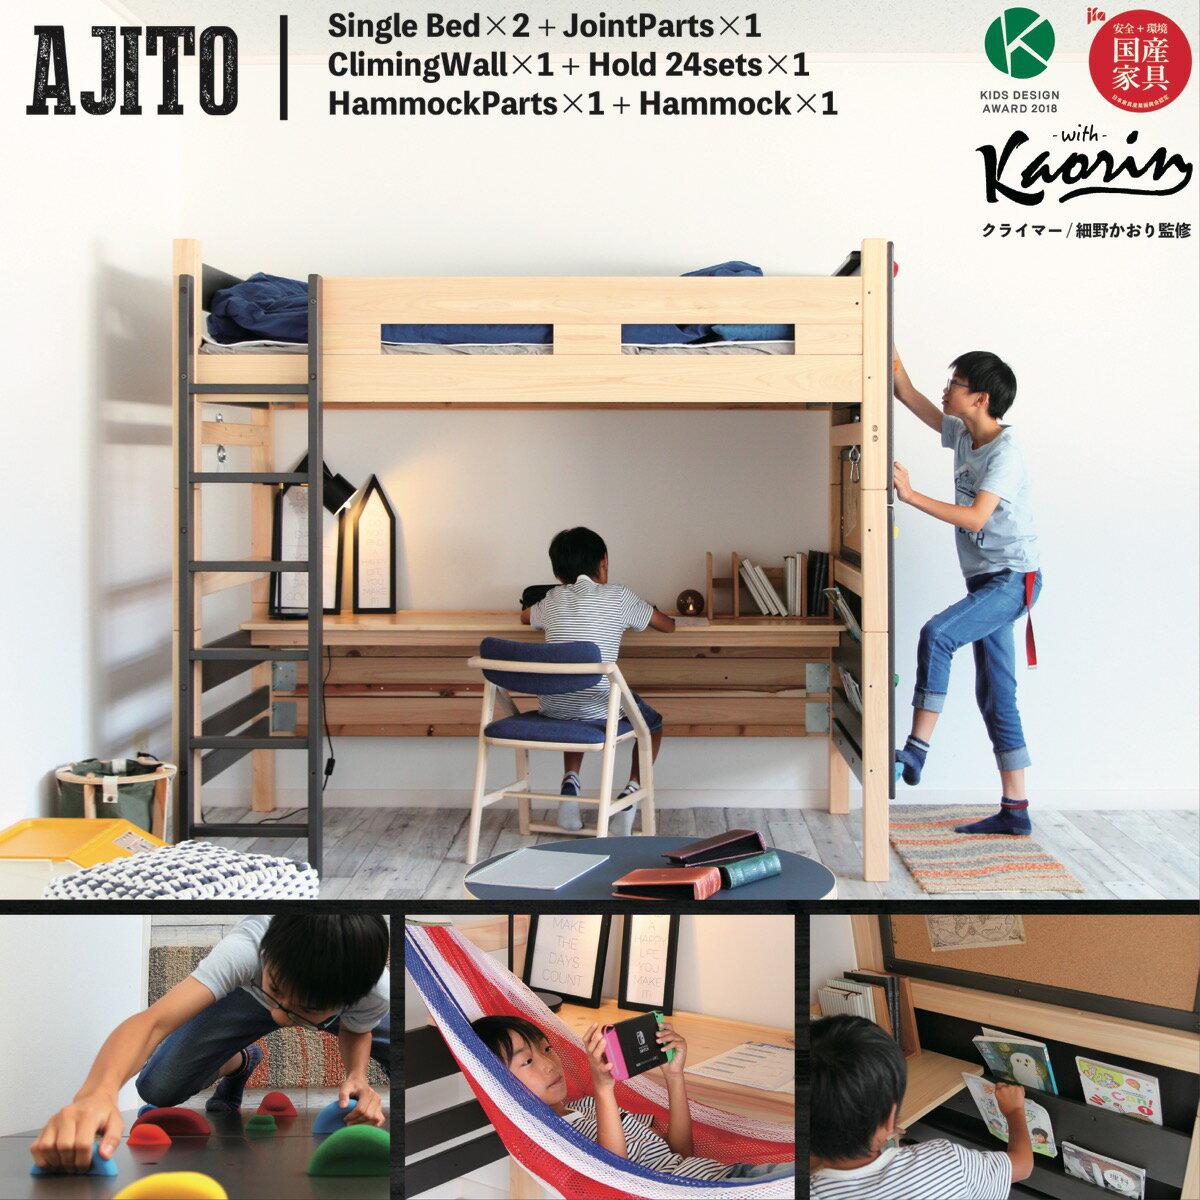 送料無料 国産 ベッド 2段ベッド ロフト ベッド ハンモック クライミング ボルダリング ホールド シングル サイズ デスク 階段